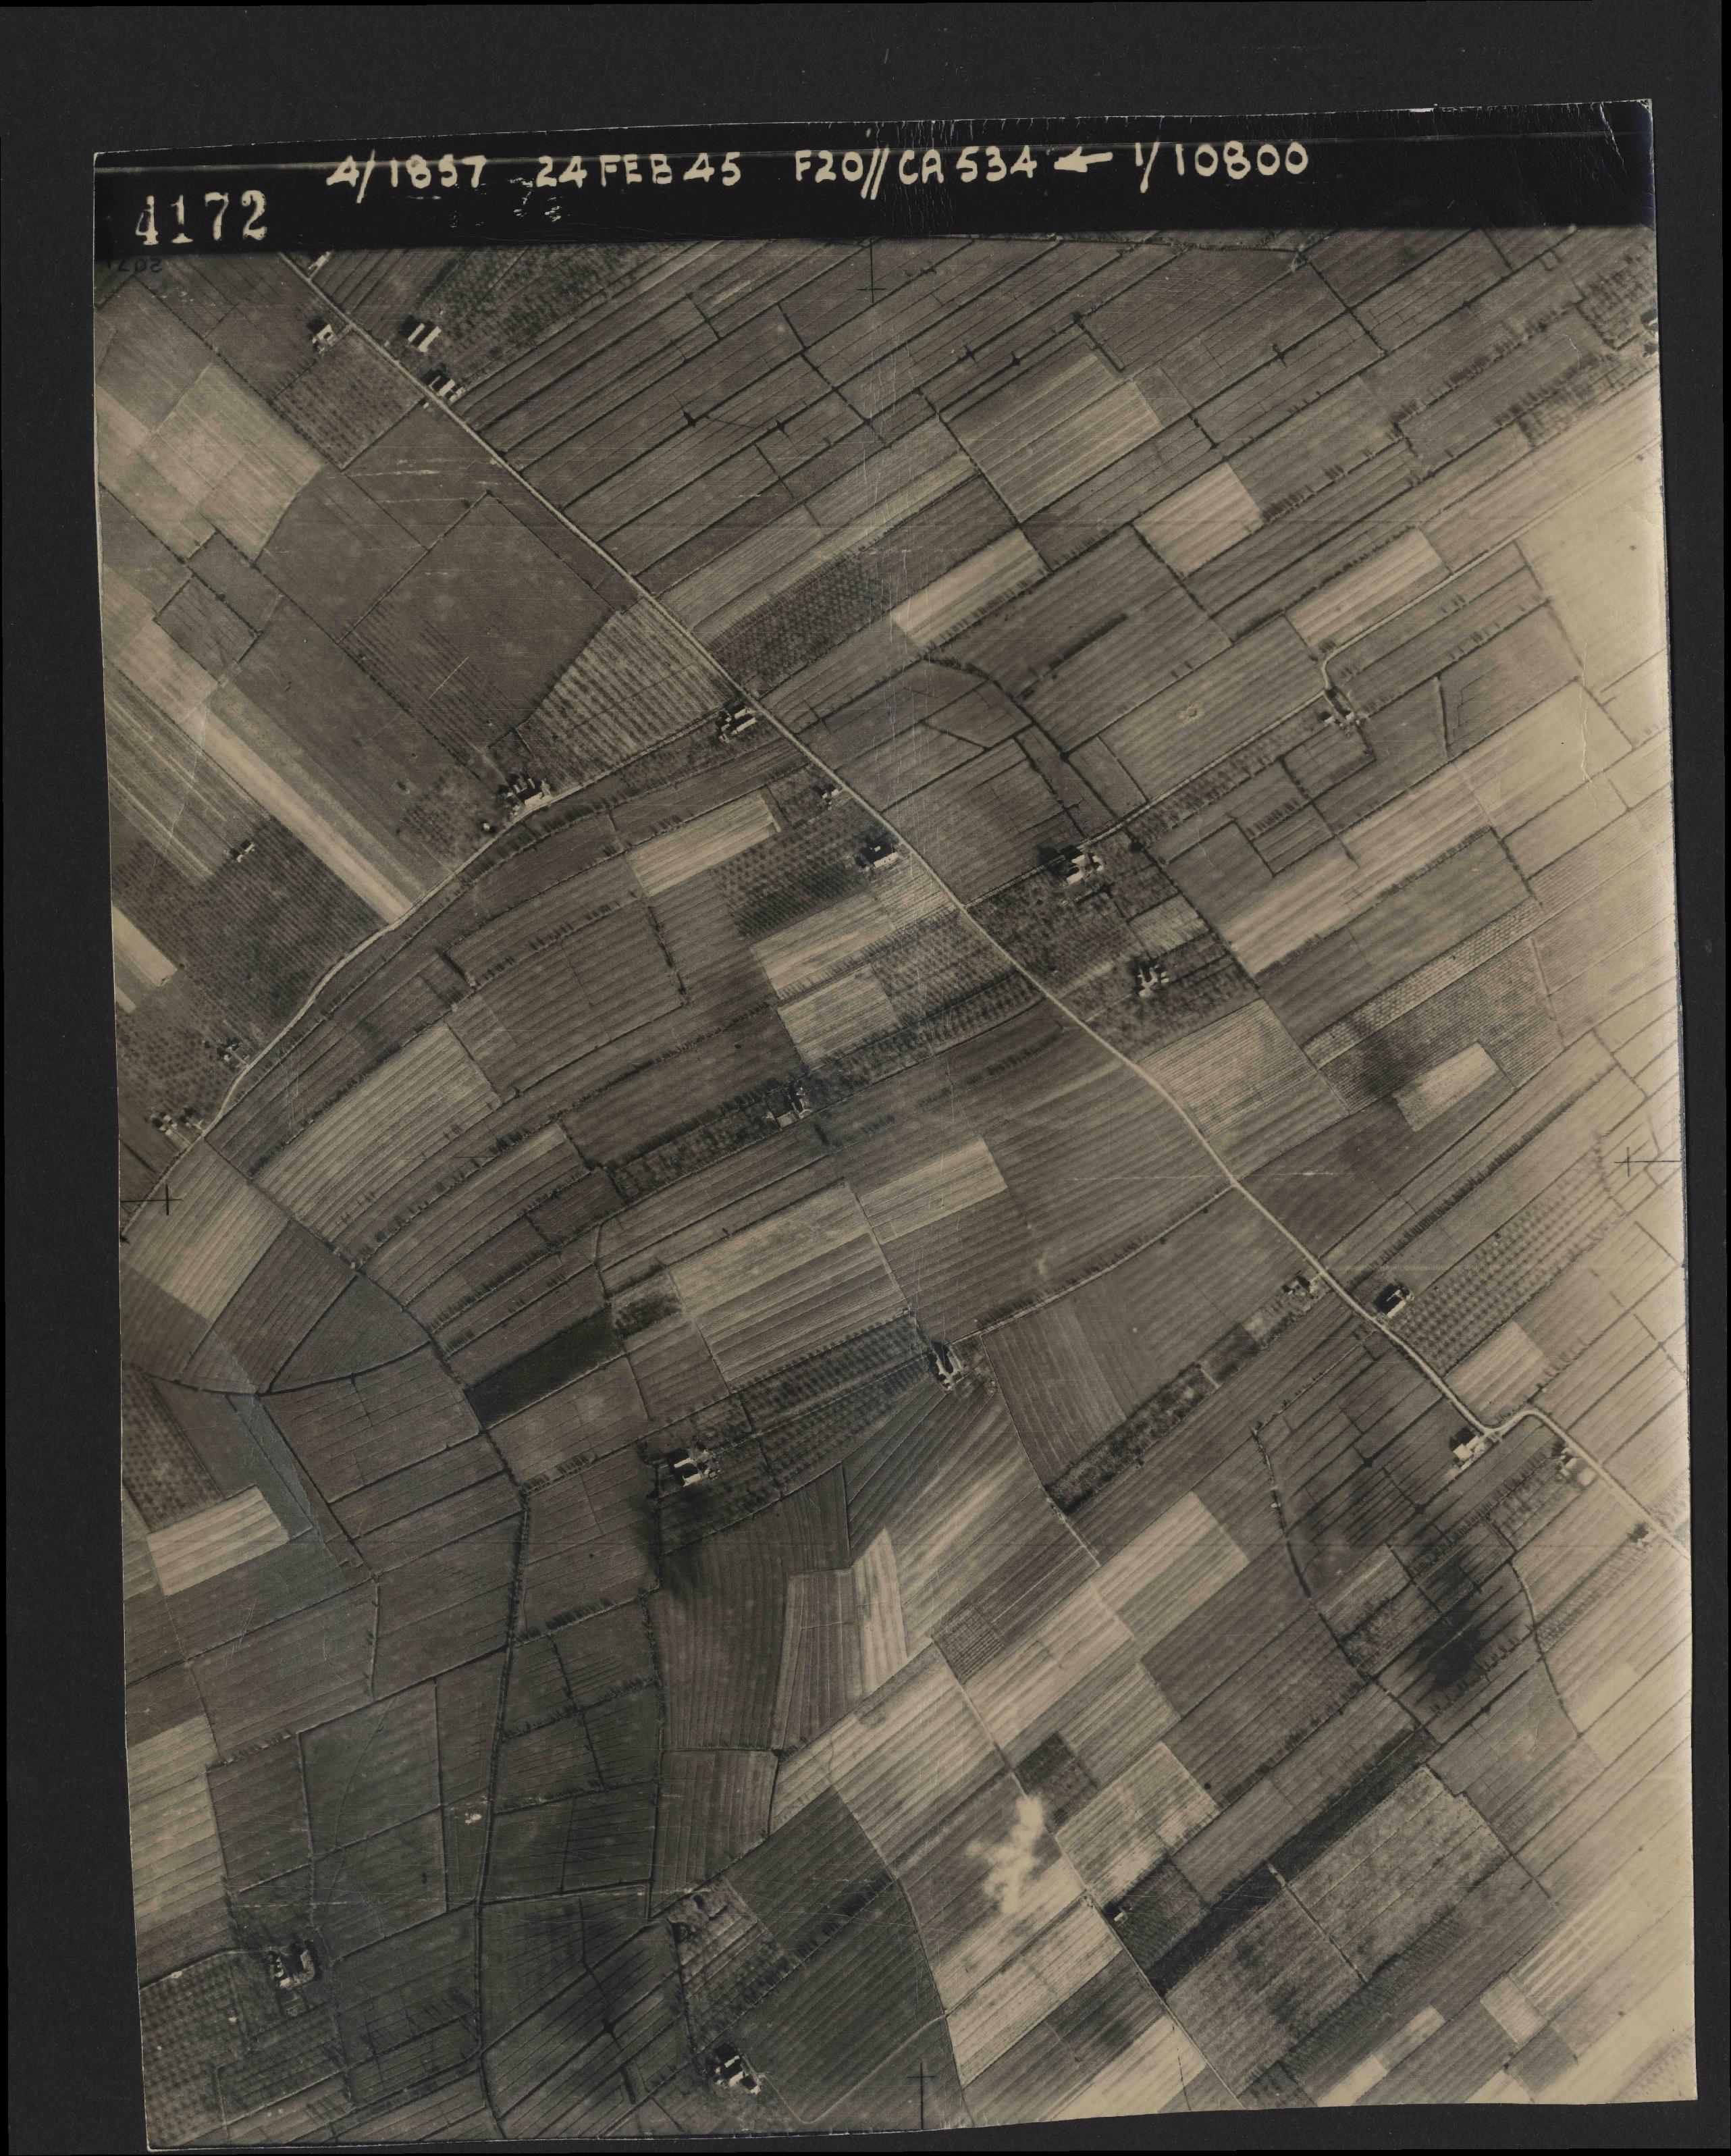 Collection RAF aerial photos 1940-1945 - flight 073, run 01, photo 4172